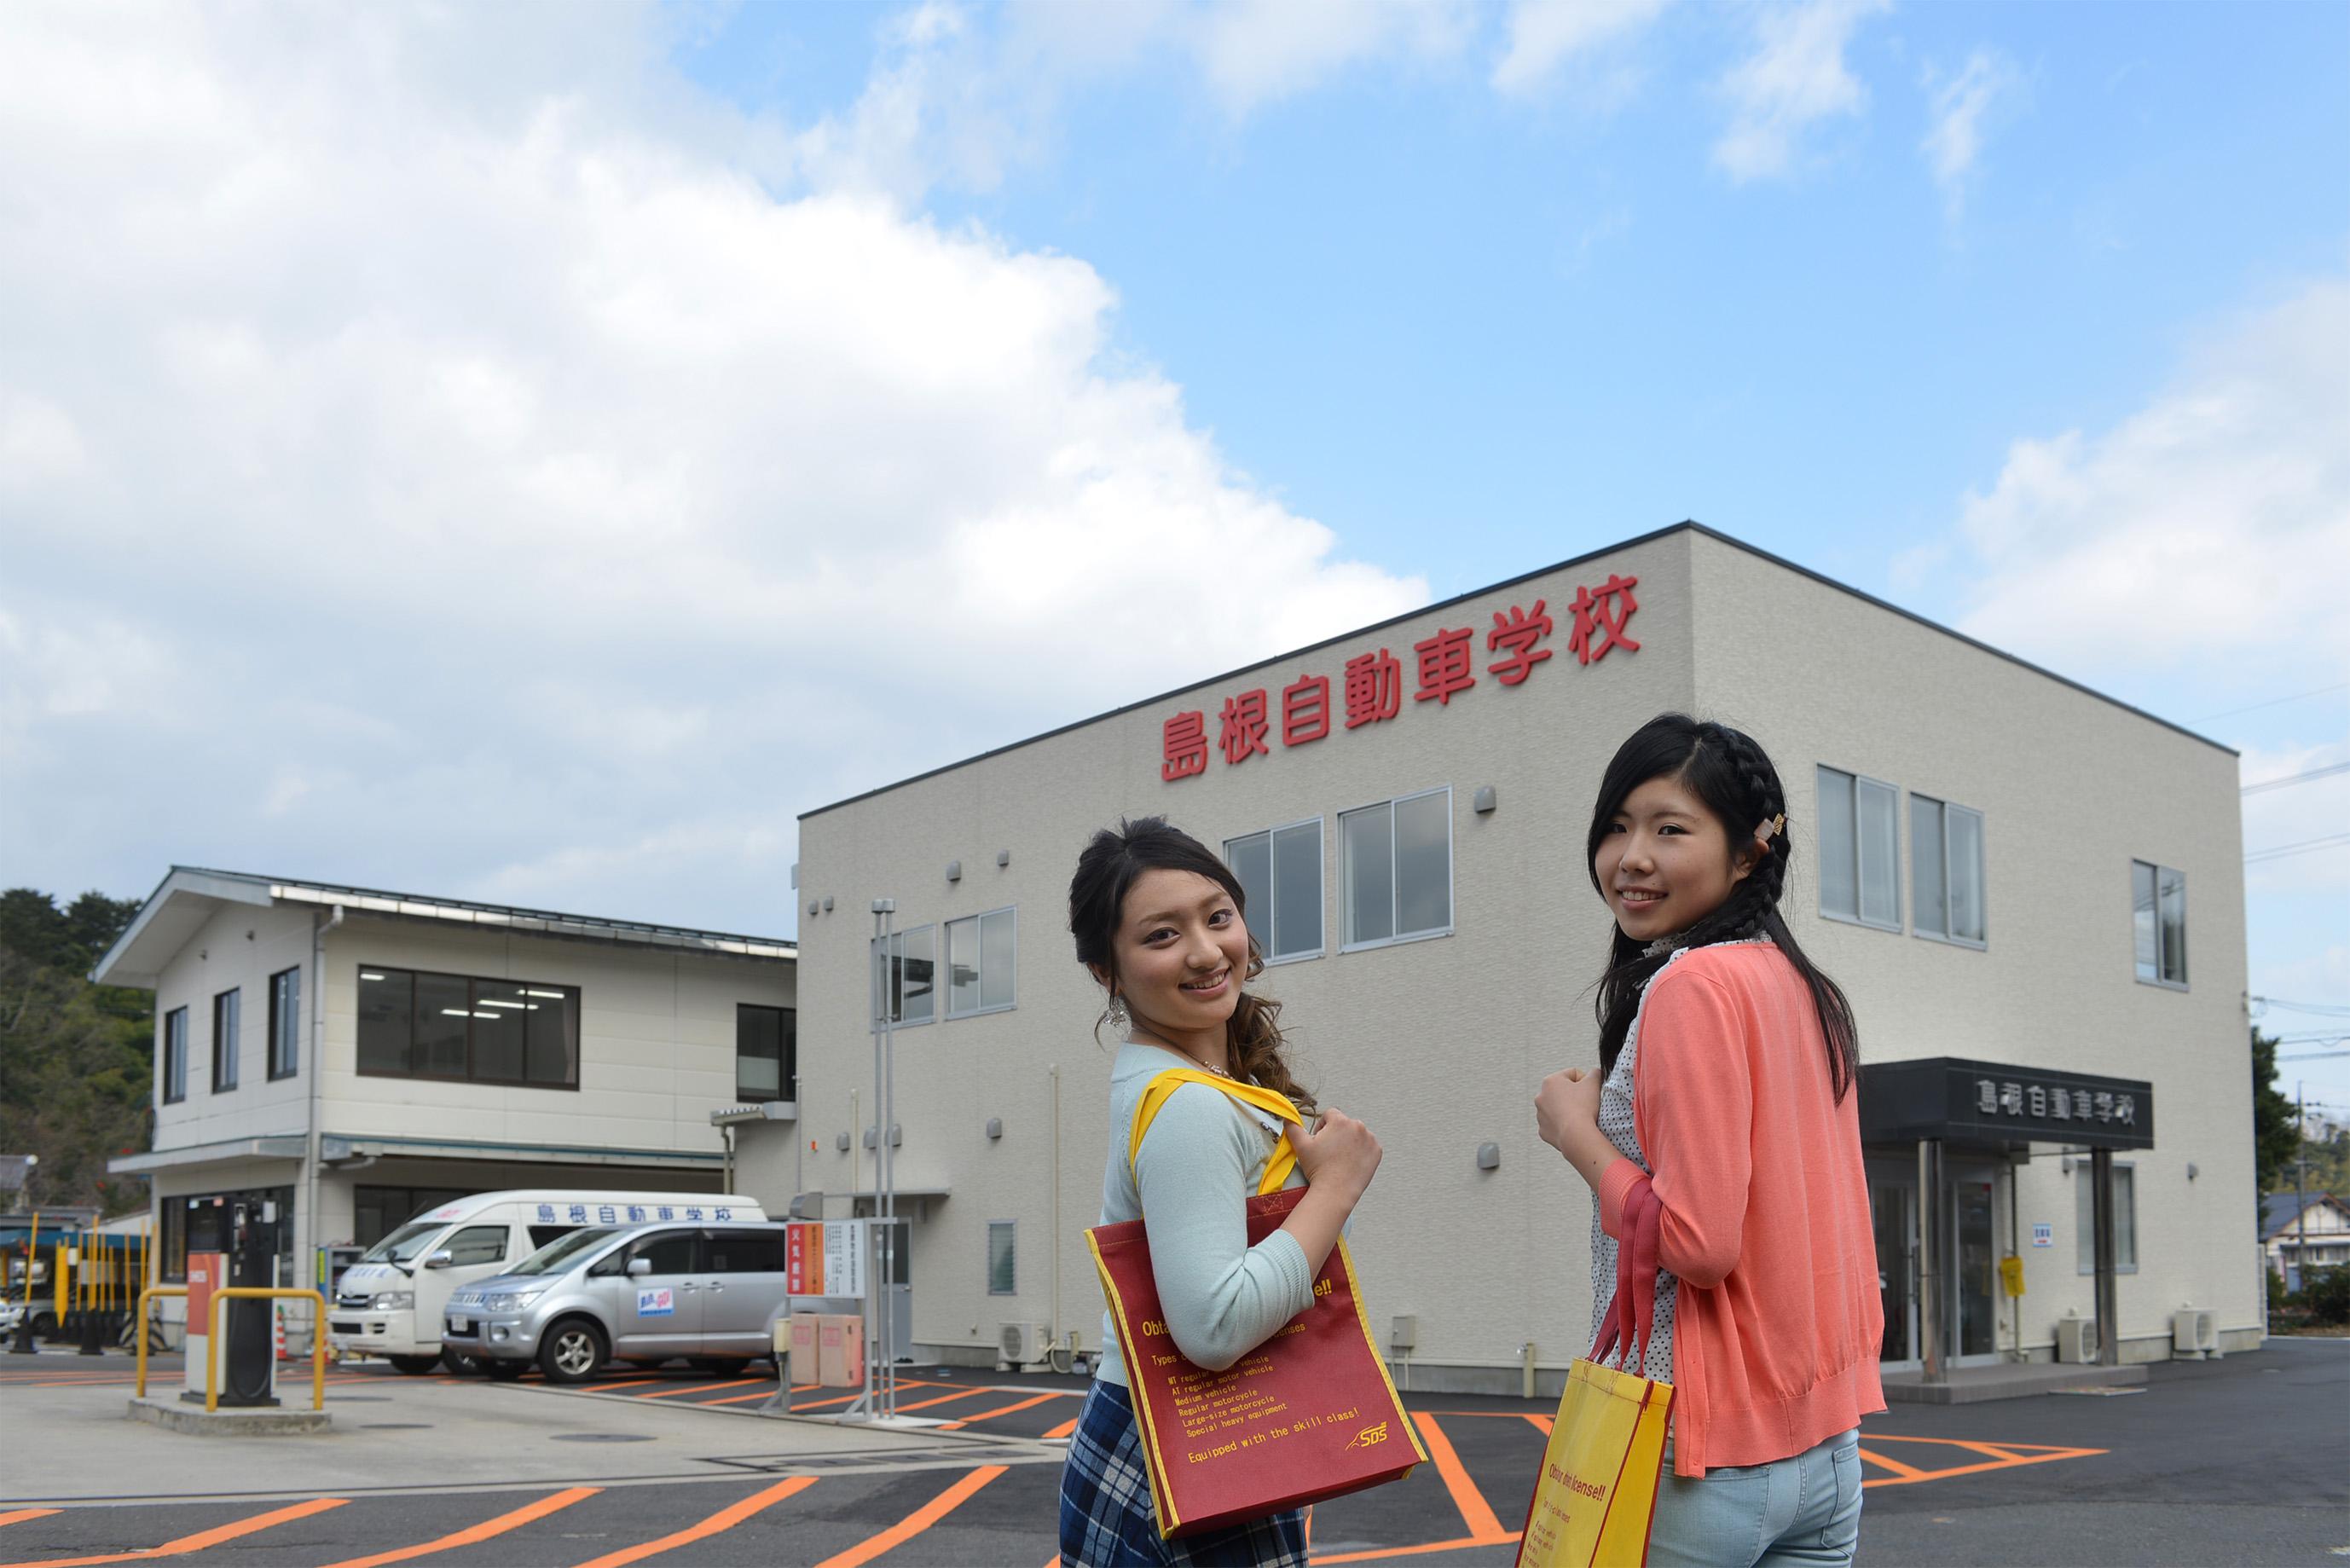 松江・島根自動車学校の教習所写真